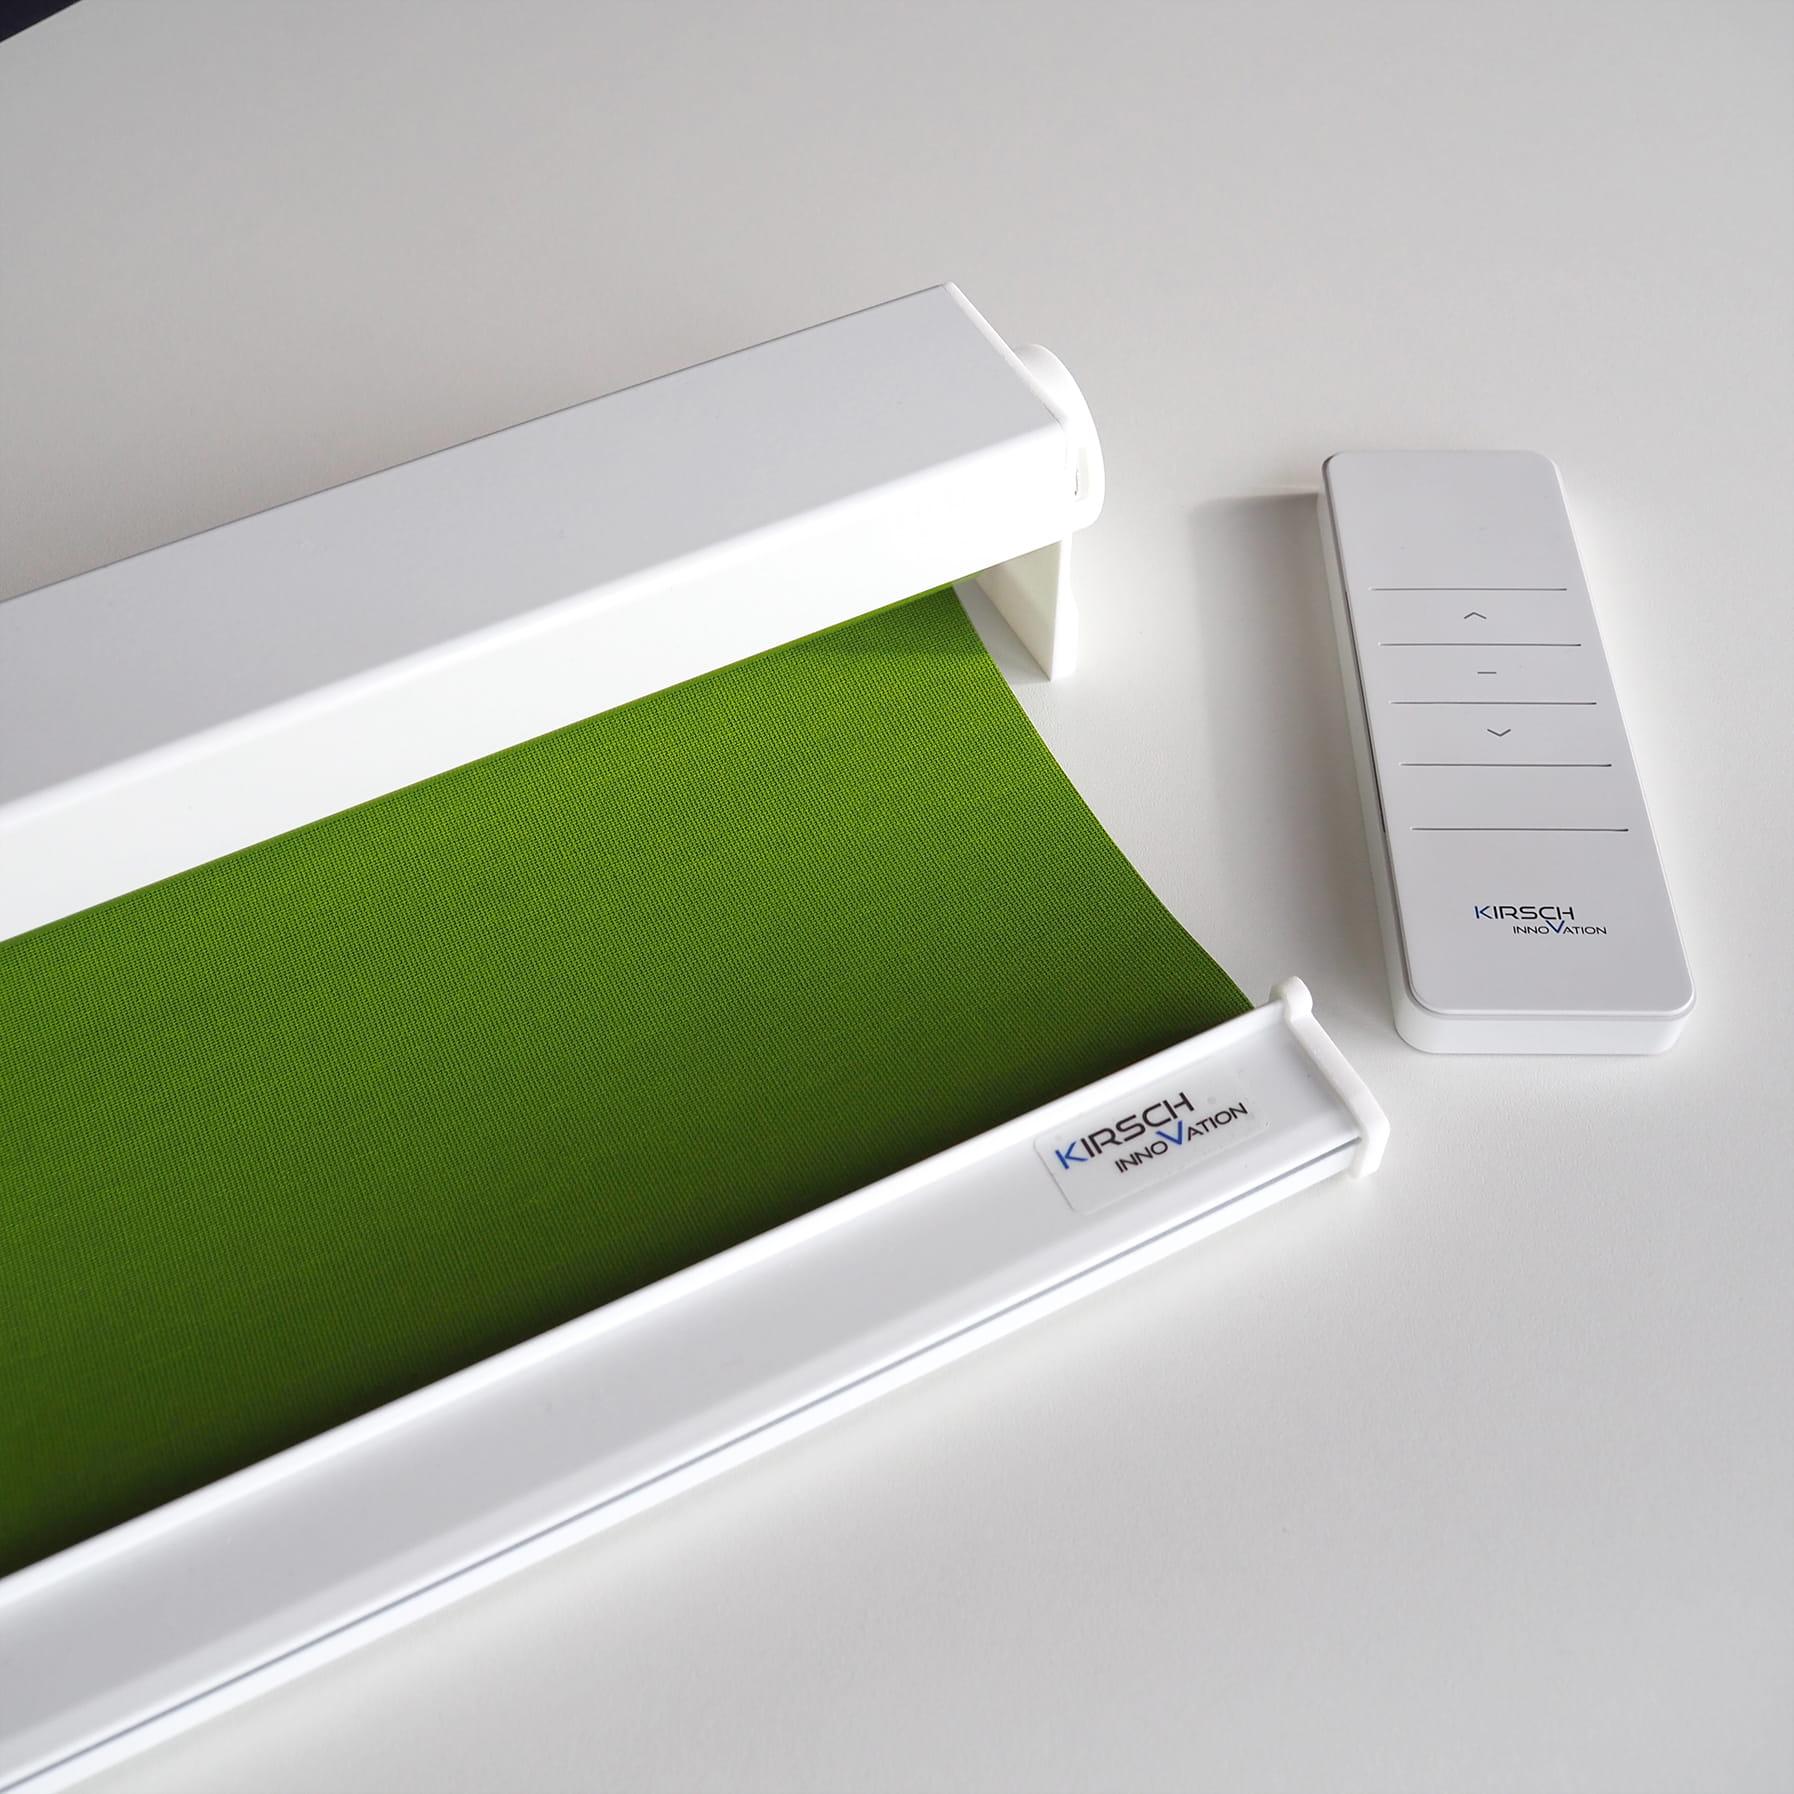 Sonnenschutz Elektrorollo Weiß RAL 9016 glanz Grün verdunkelnd 17-008